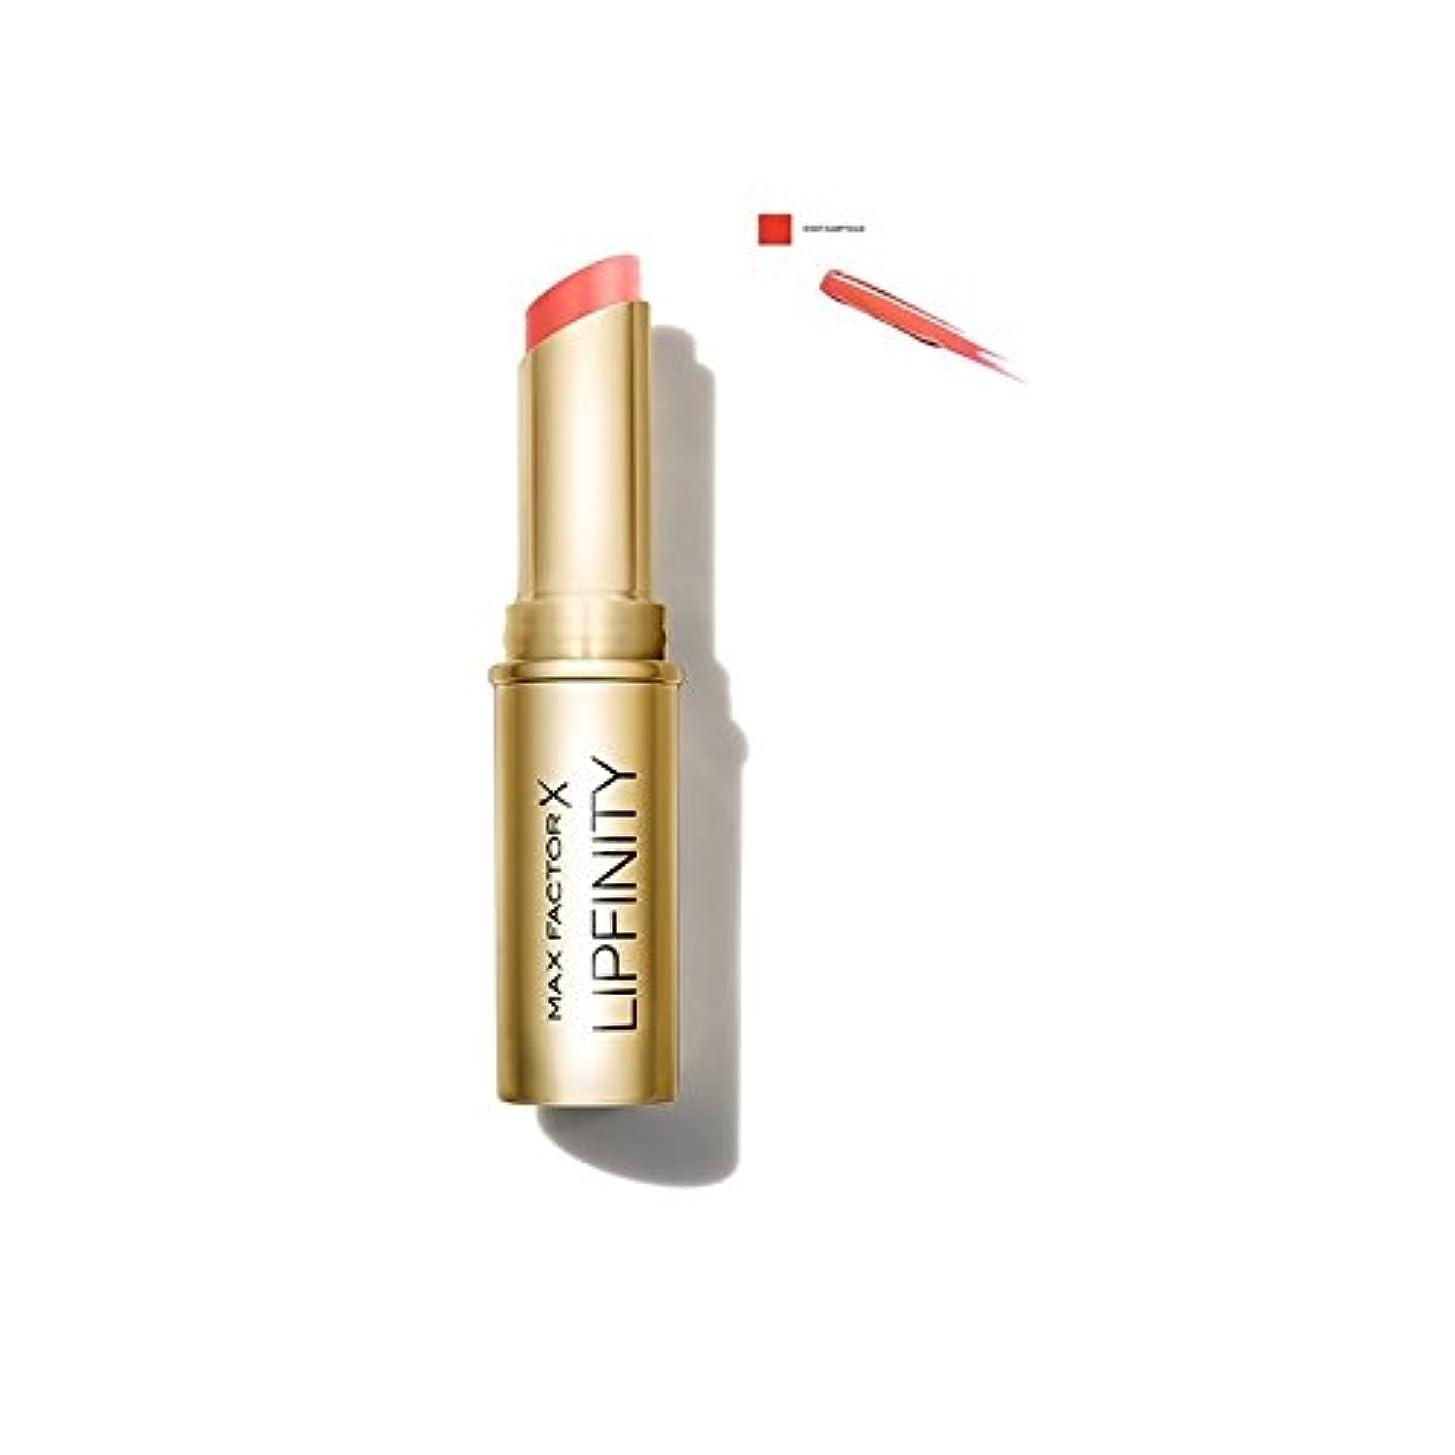 考えた効率ビタミン長い口紅が今まで豪華な持続マックスファクターの x4 - Max Factor Lipfinity Long Lasting Lipstick Ever Sumptuous (Pack of 4) [並行輸入品]